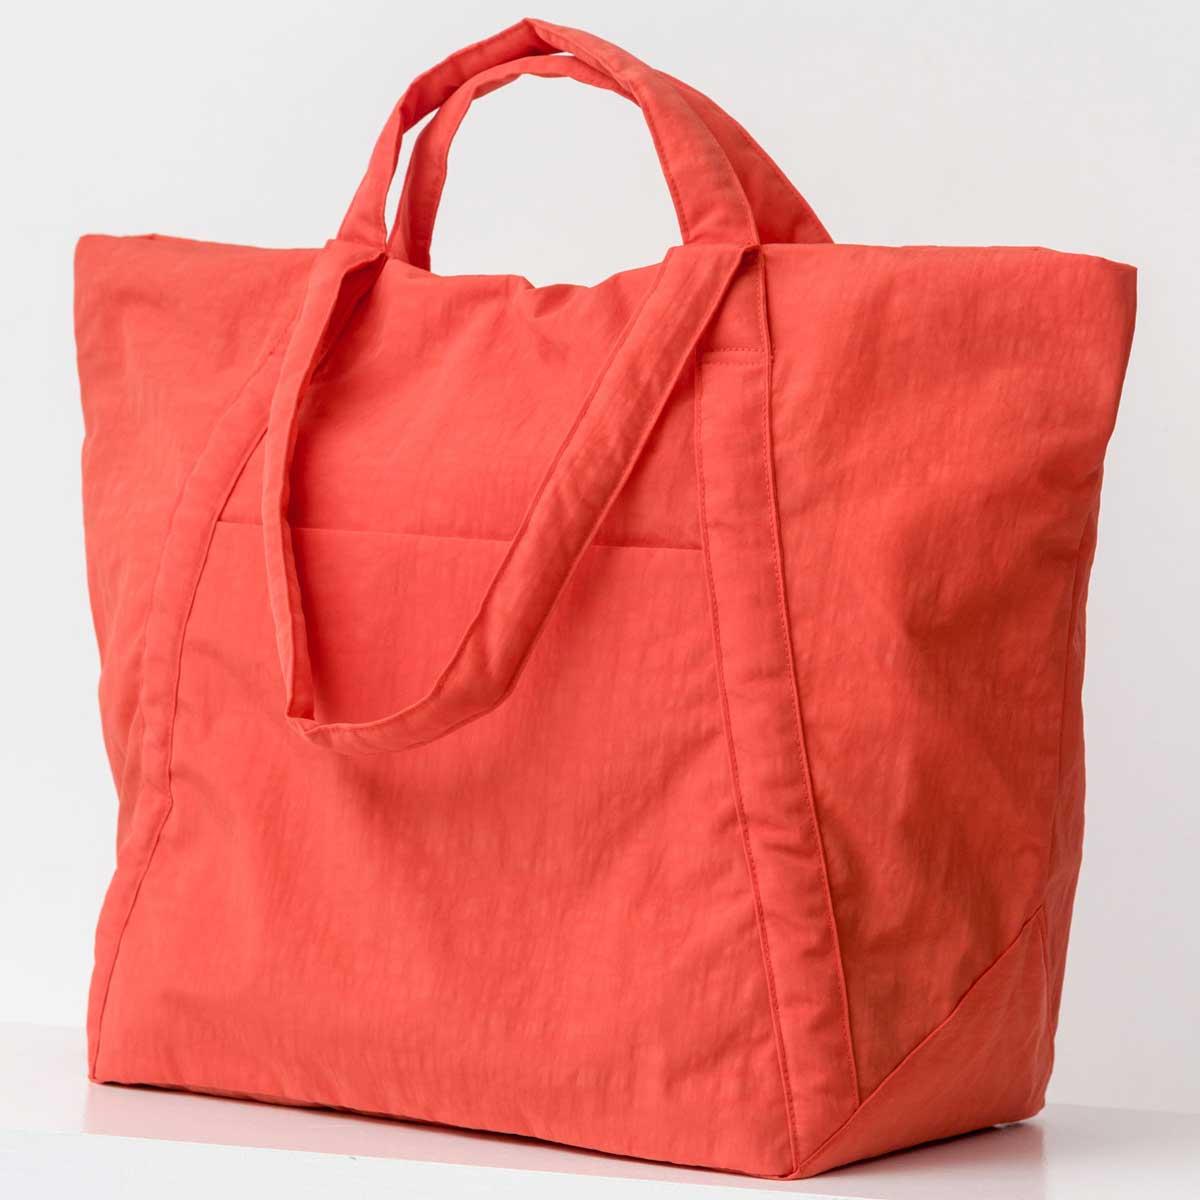 ボストンバッグ BAGGU TRAVEL CLOUD BAG L 旅行バッグ バグゥ トラベルバッグ クラウド Lサイズ ポピーレッド